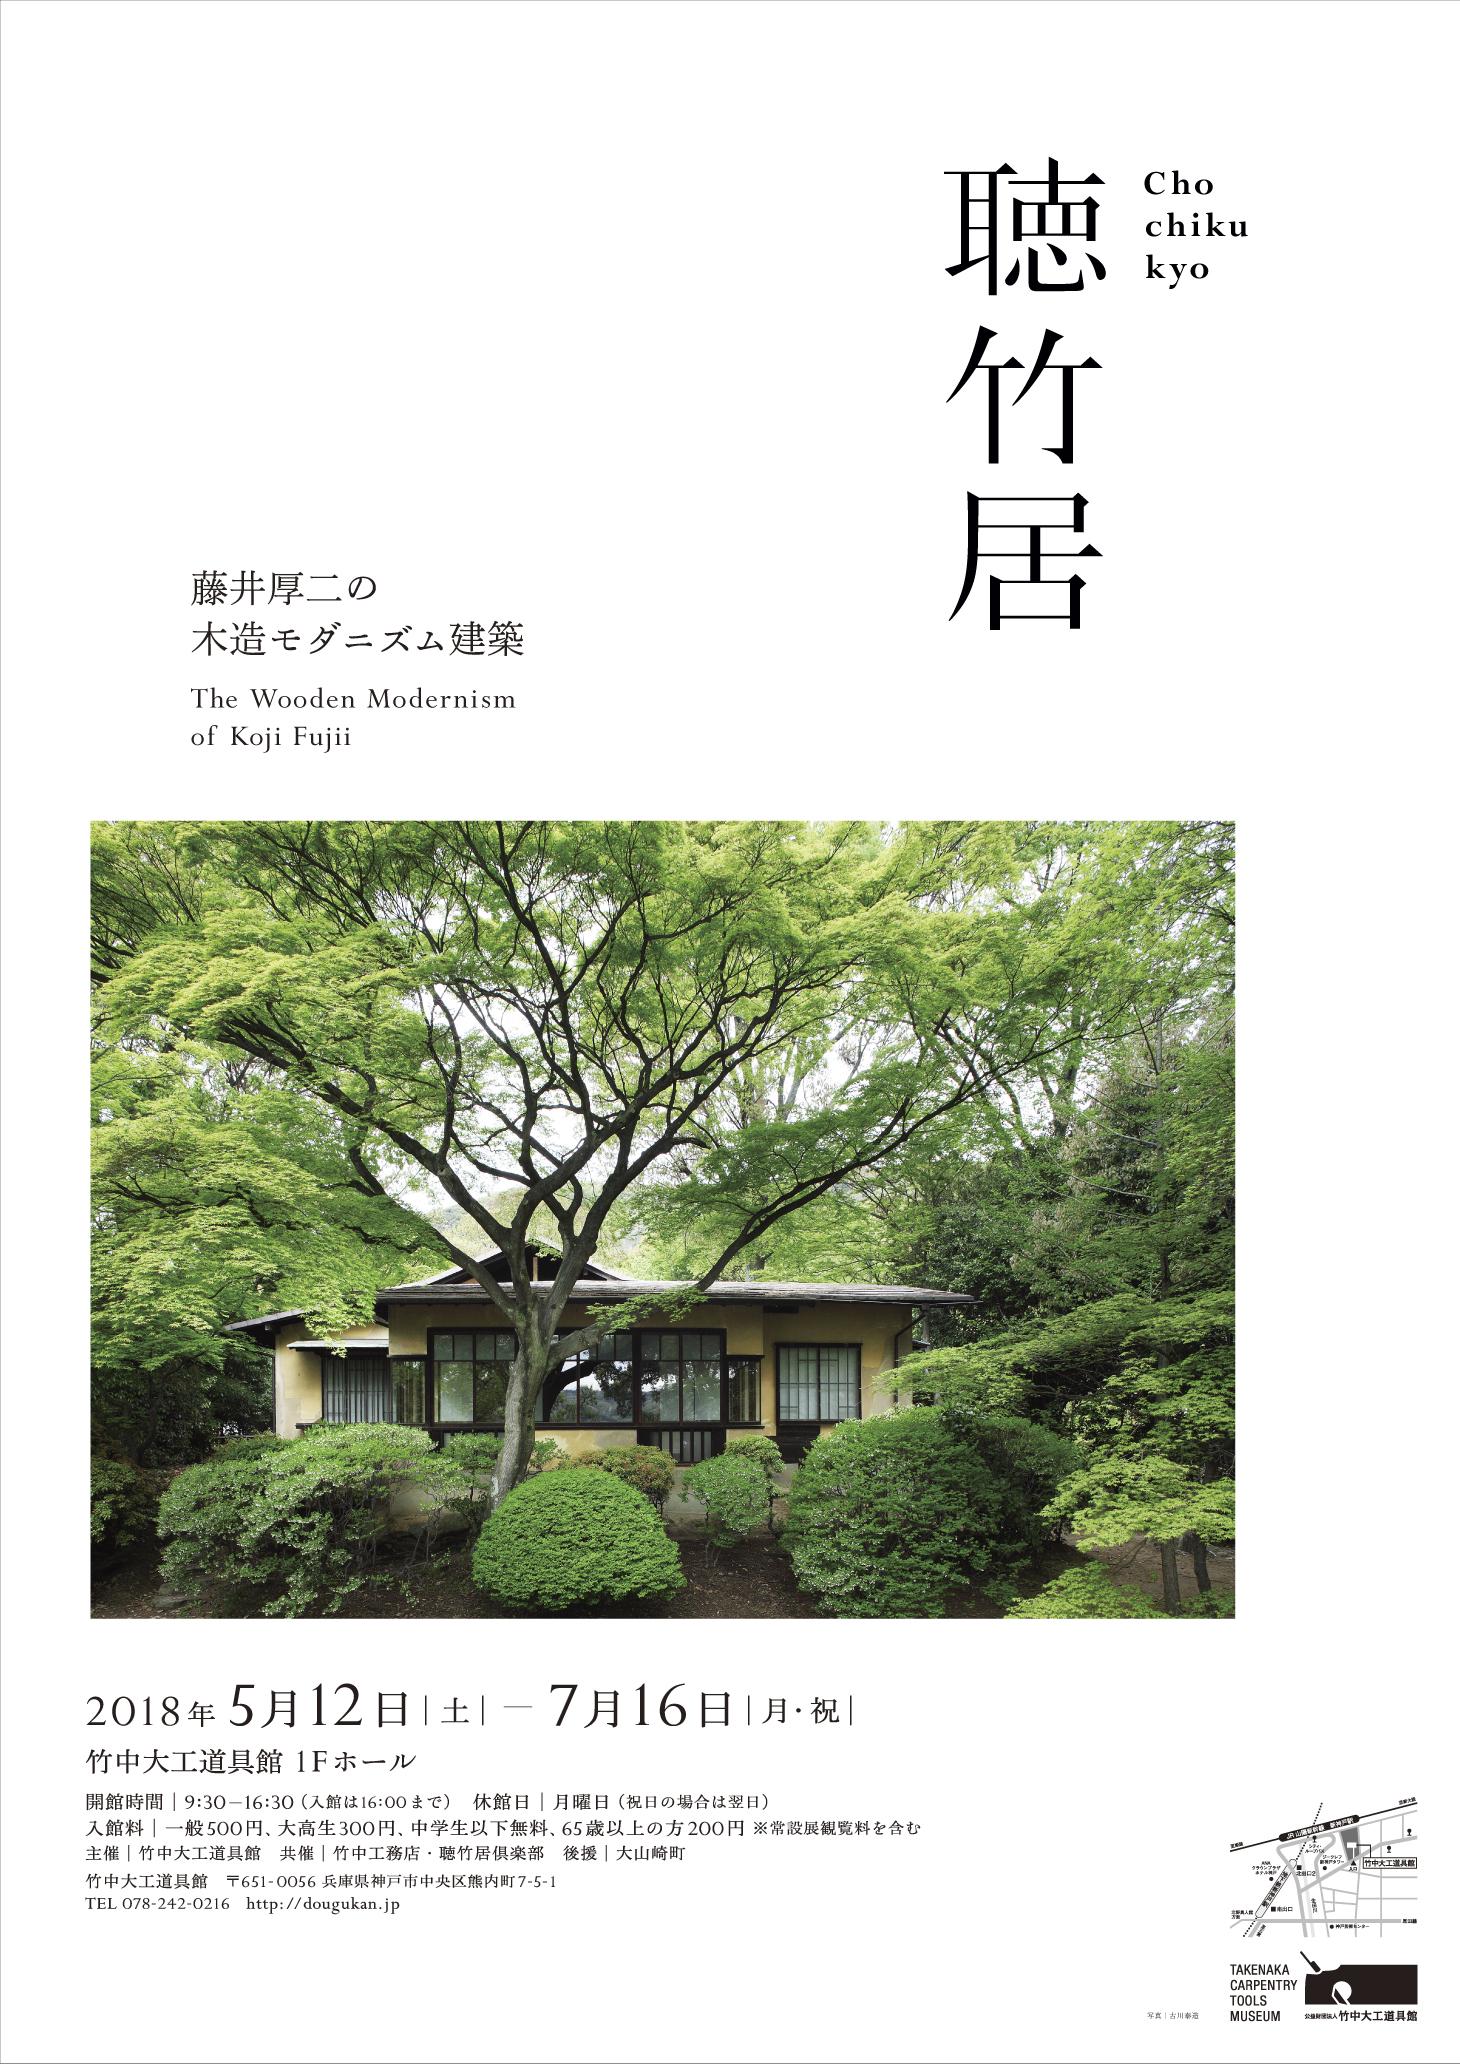 chochikukyo_poster.jpg